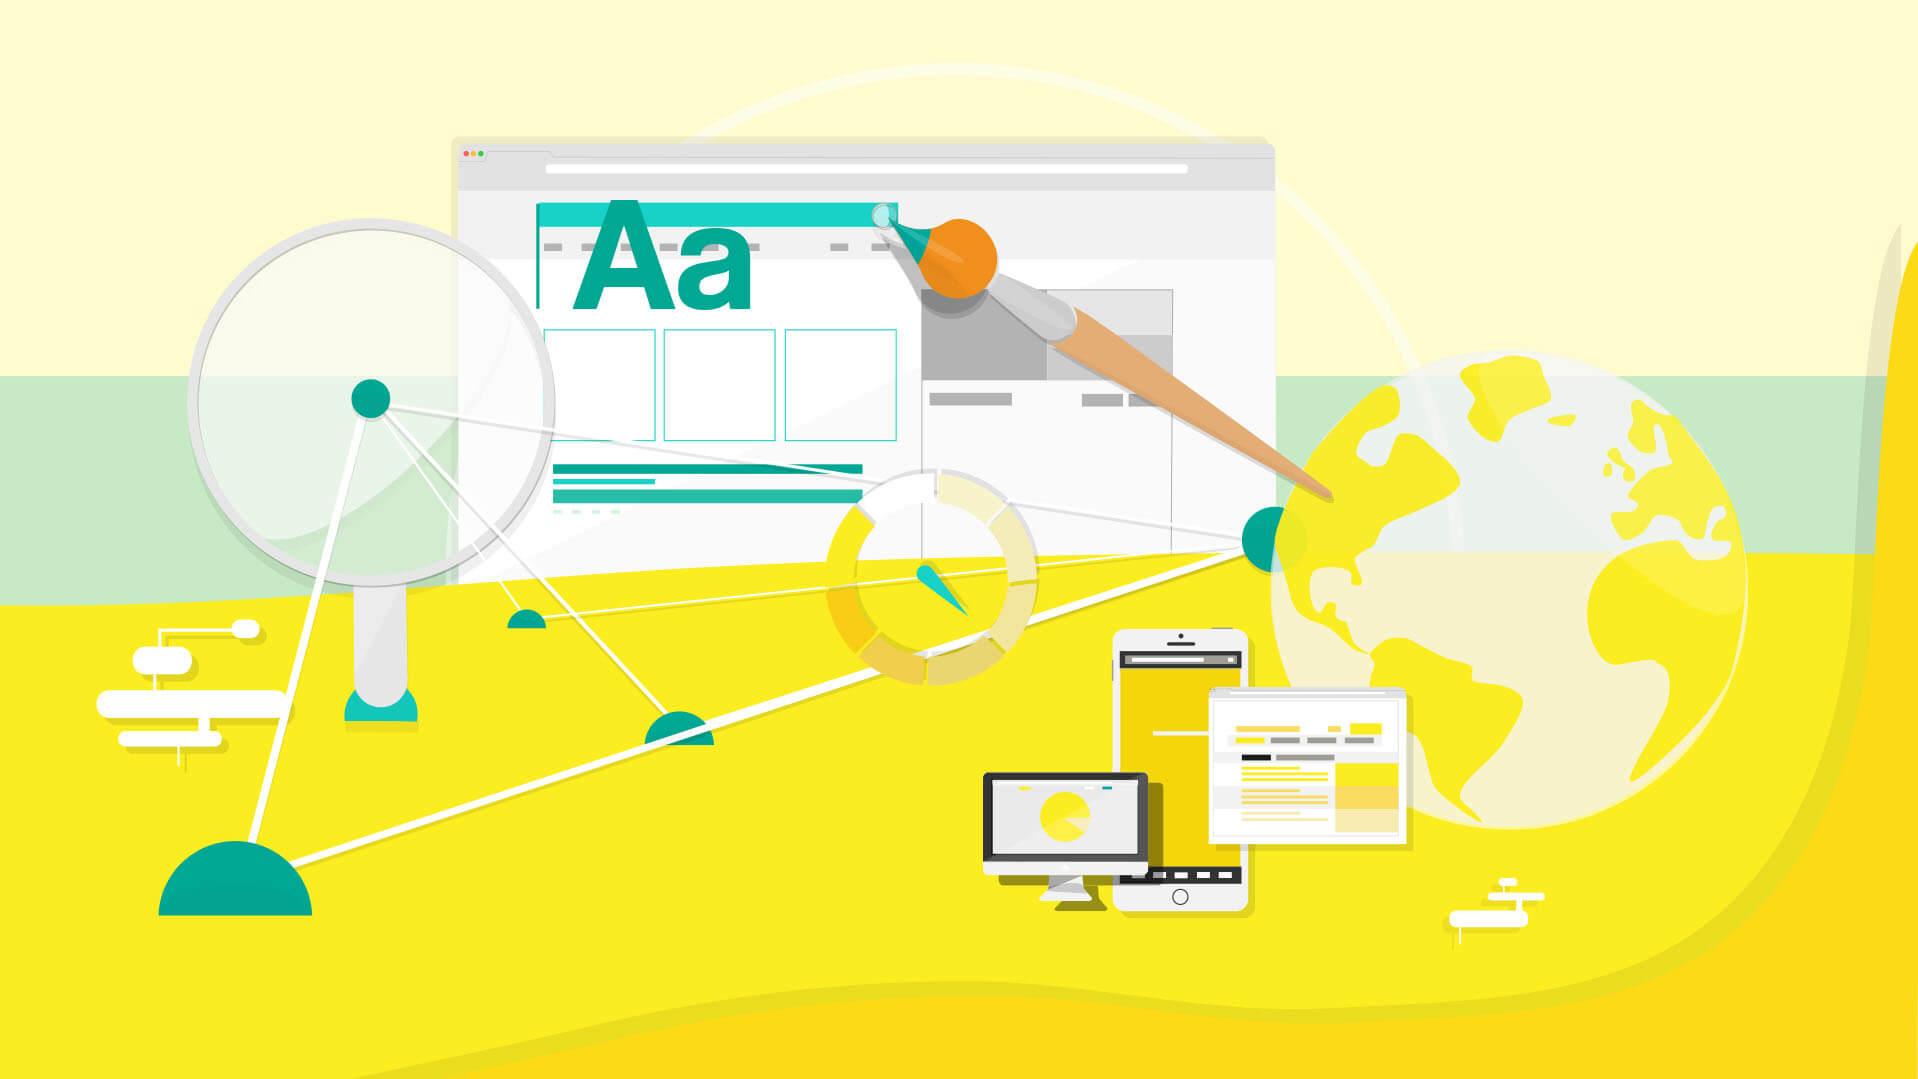 بررسی 5 عامل مهم در طراحی سایت و سئو